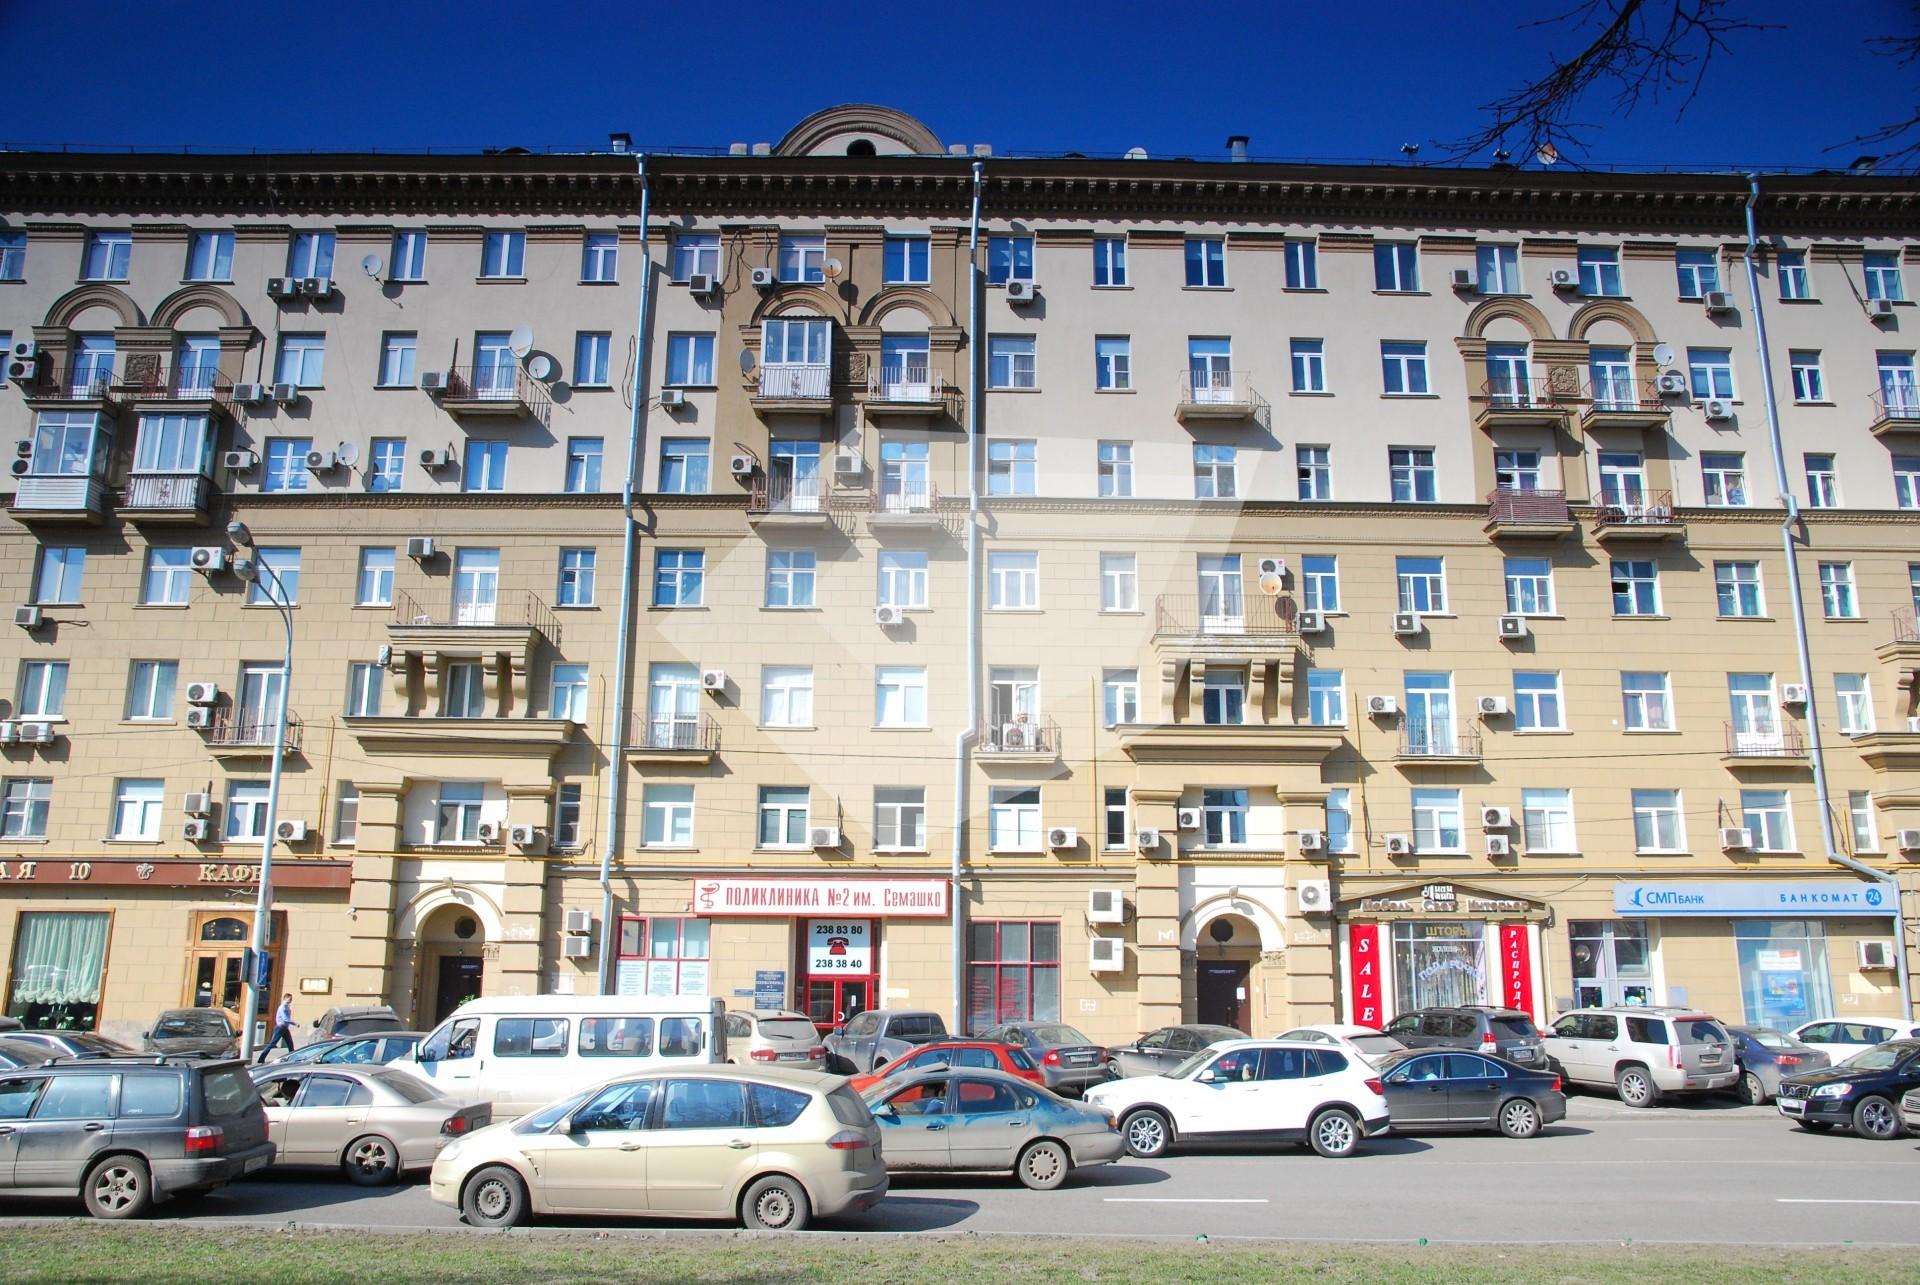 Аренда офисных помещений Житная улица купить в псковской области коммерческую недвижимость